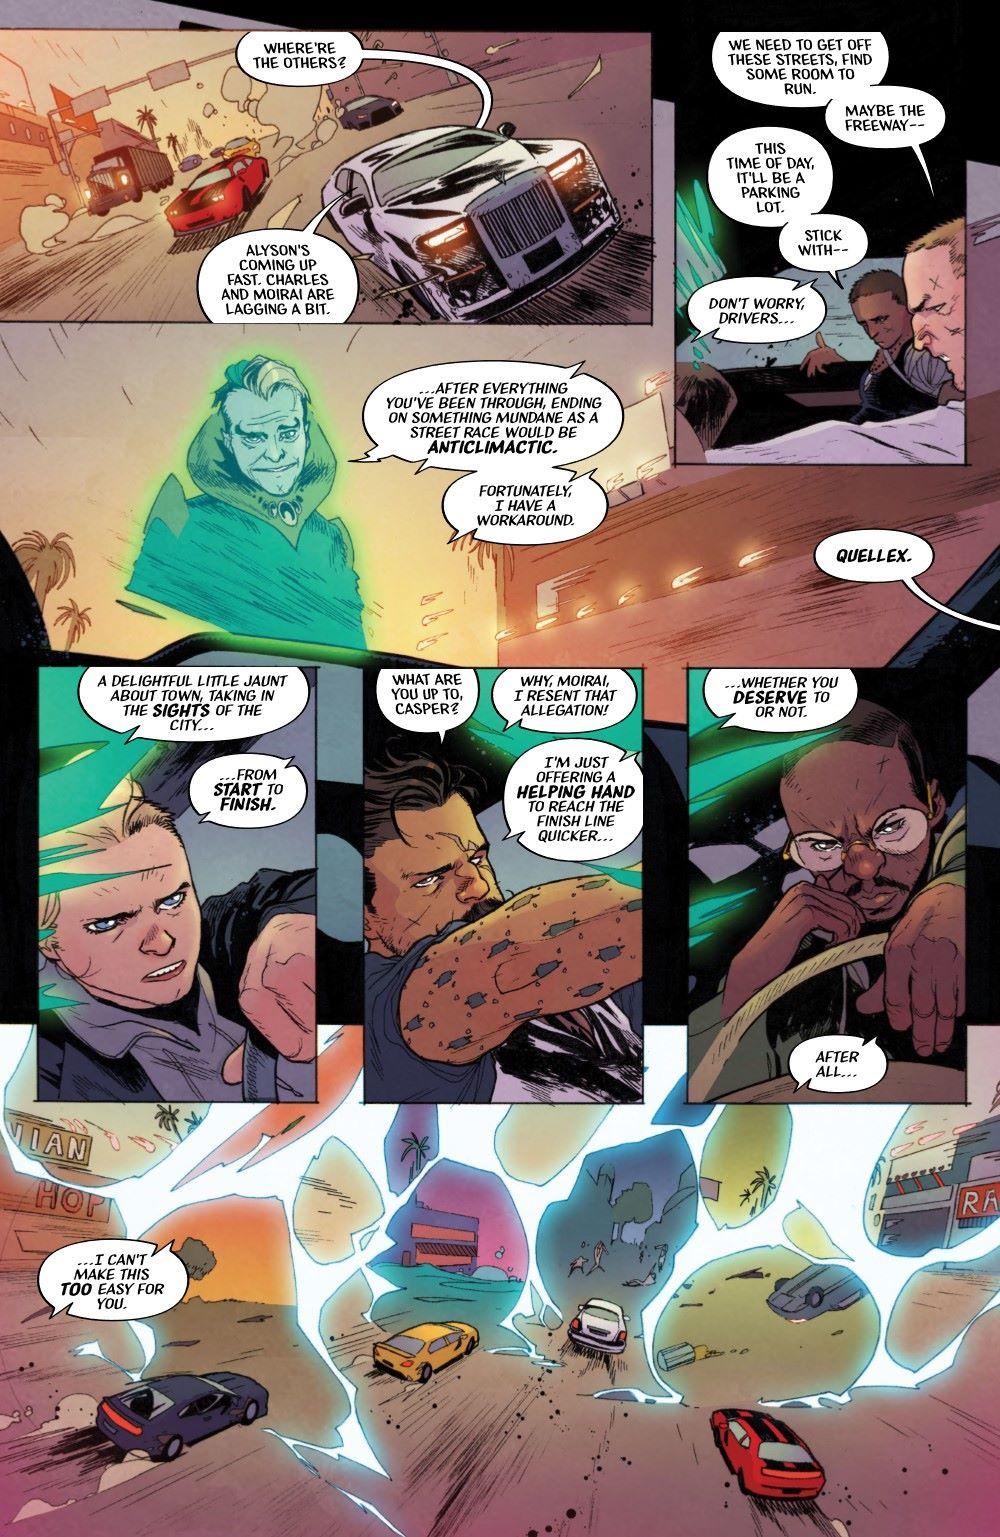 BACKTRACK-10-MARKETING-05 ComicList Previews: BACKTRACK #10